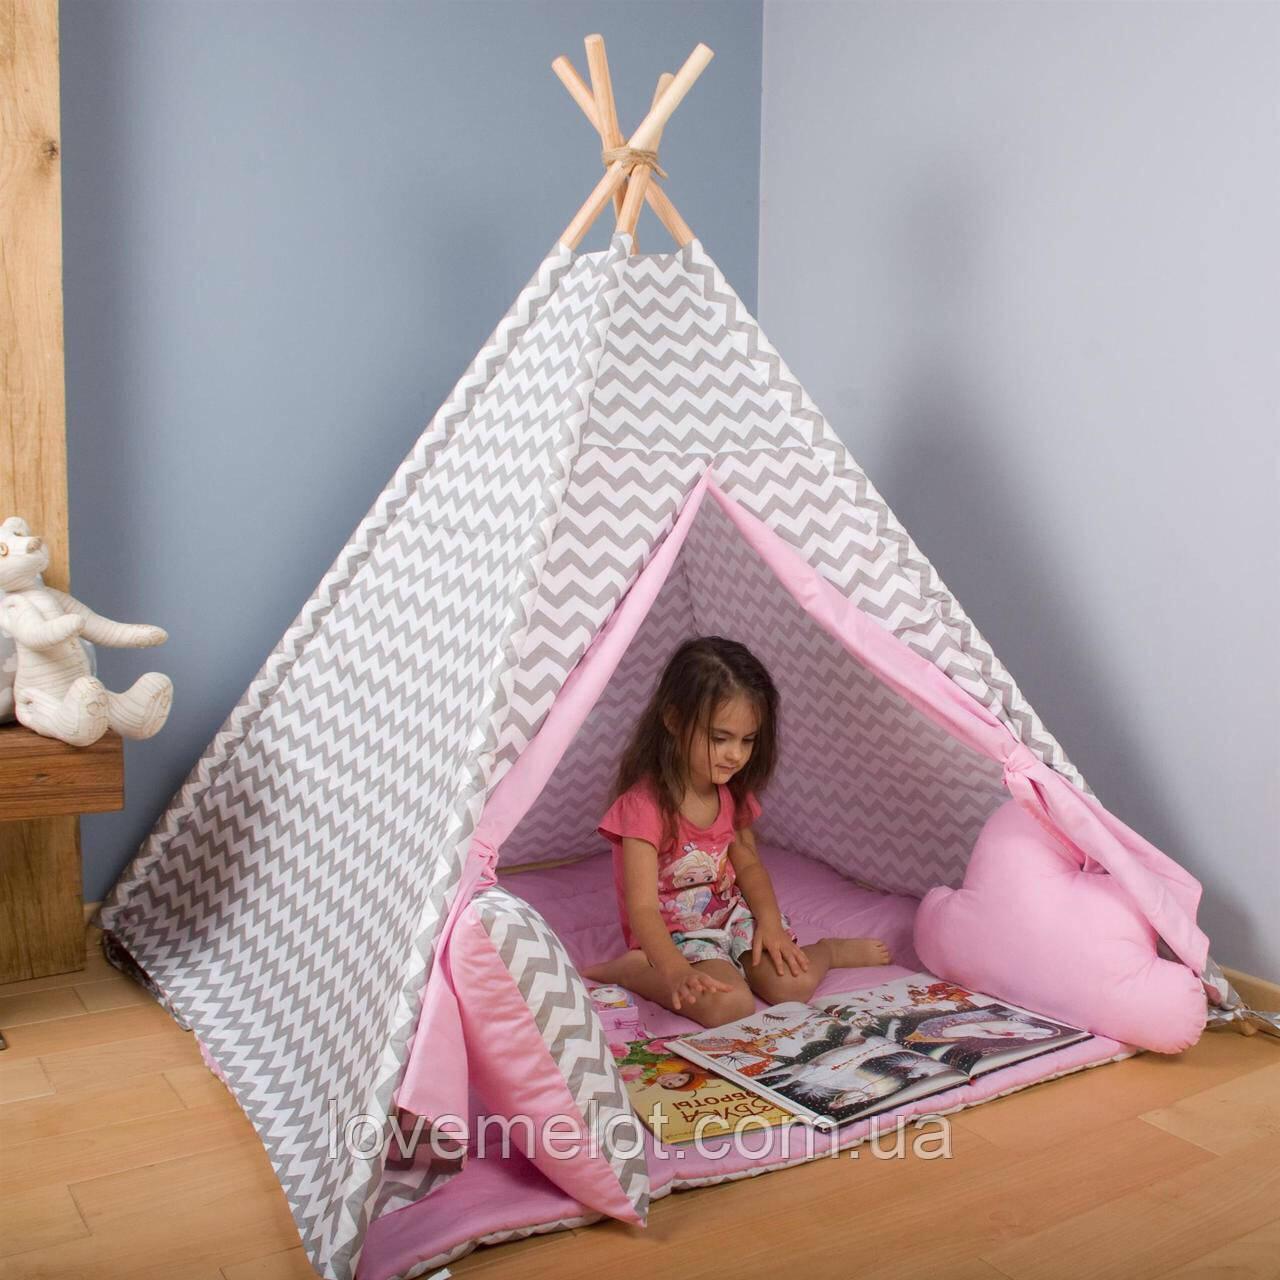 Детская палатка + коврик + 1 подушка, вигвам для детей, шалаш для деток, палатка для детей